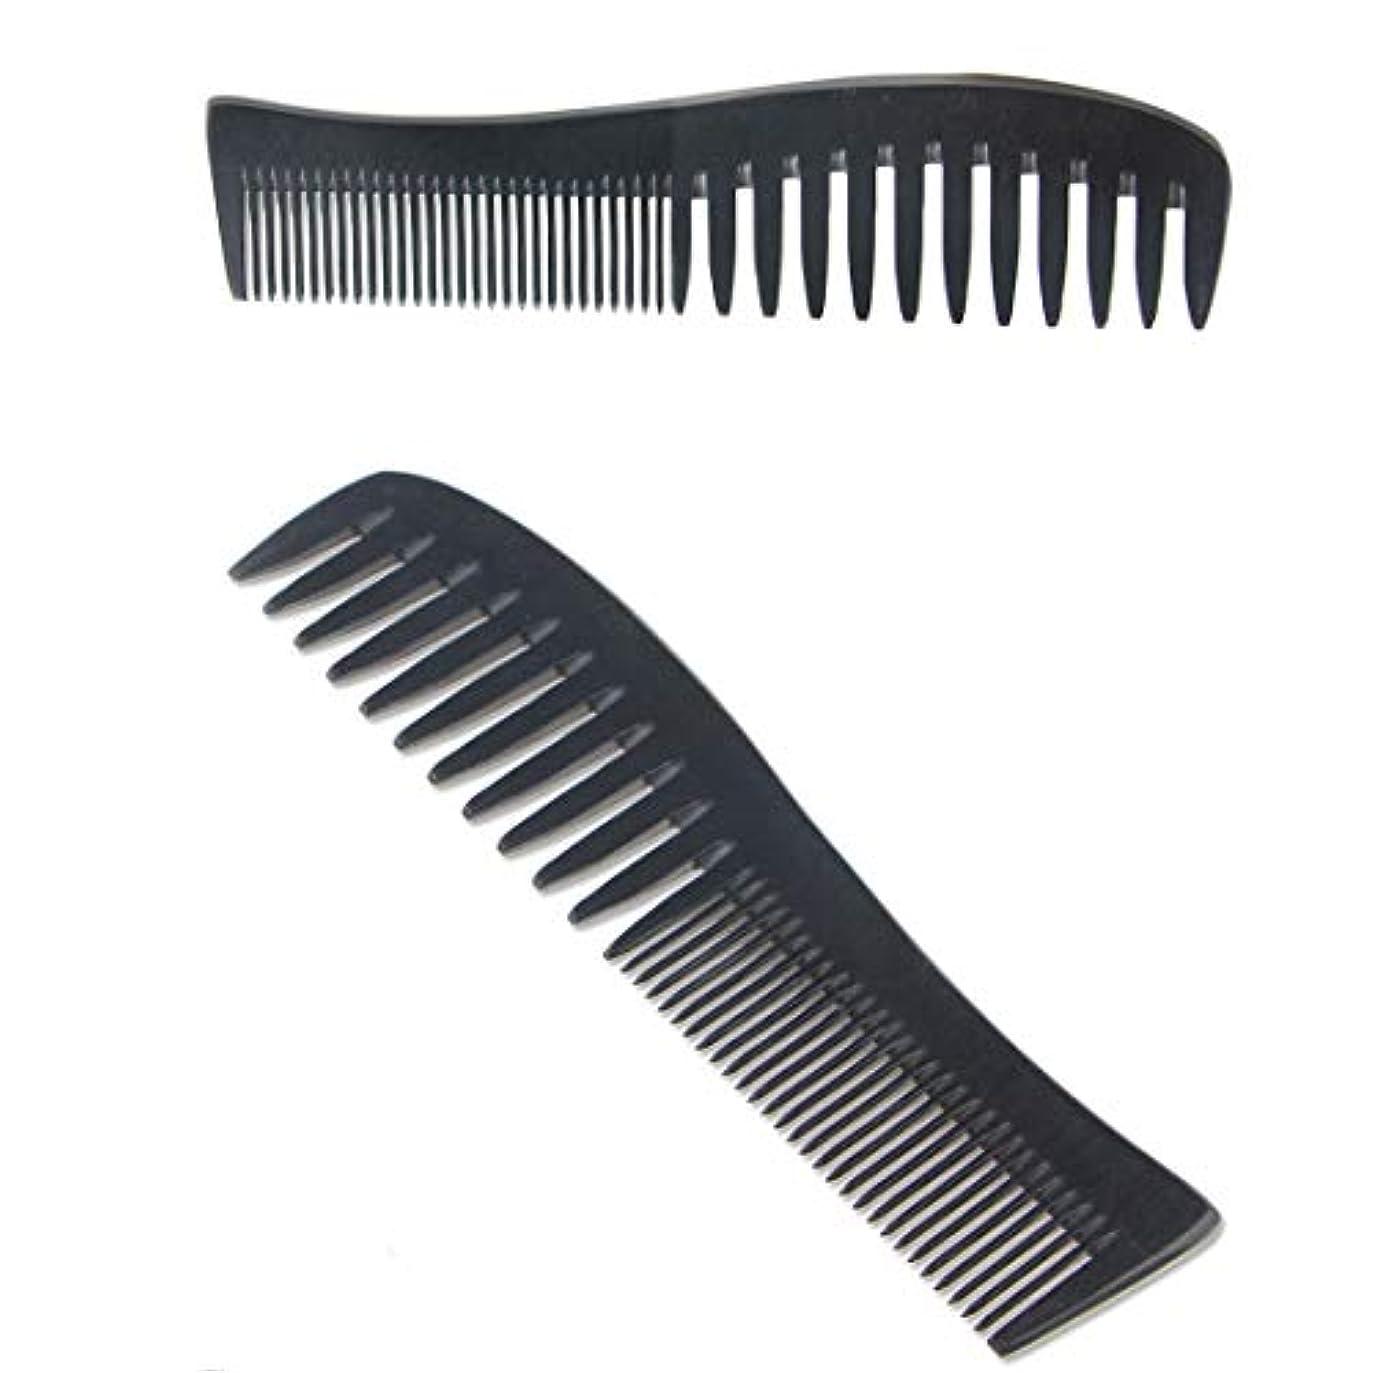 居住者餌縁石手作りの木製くし - ふけ防止、帯電防止、環境にやさしい - 頭皮と髪の健康に最適、幅広の歯2個 モデリングツール (色 : 2Pcs)